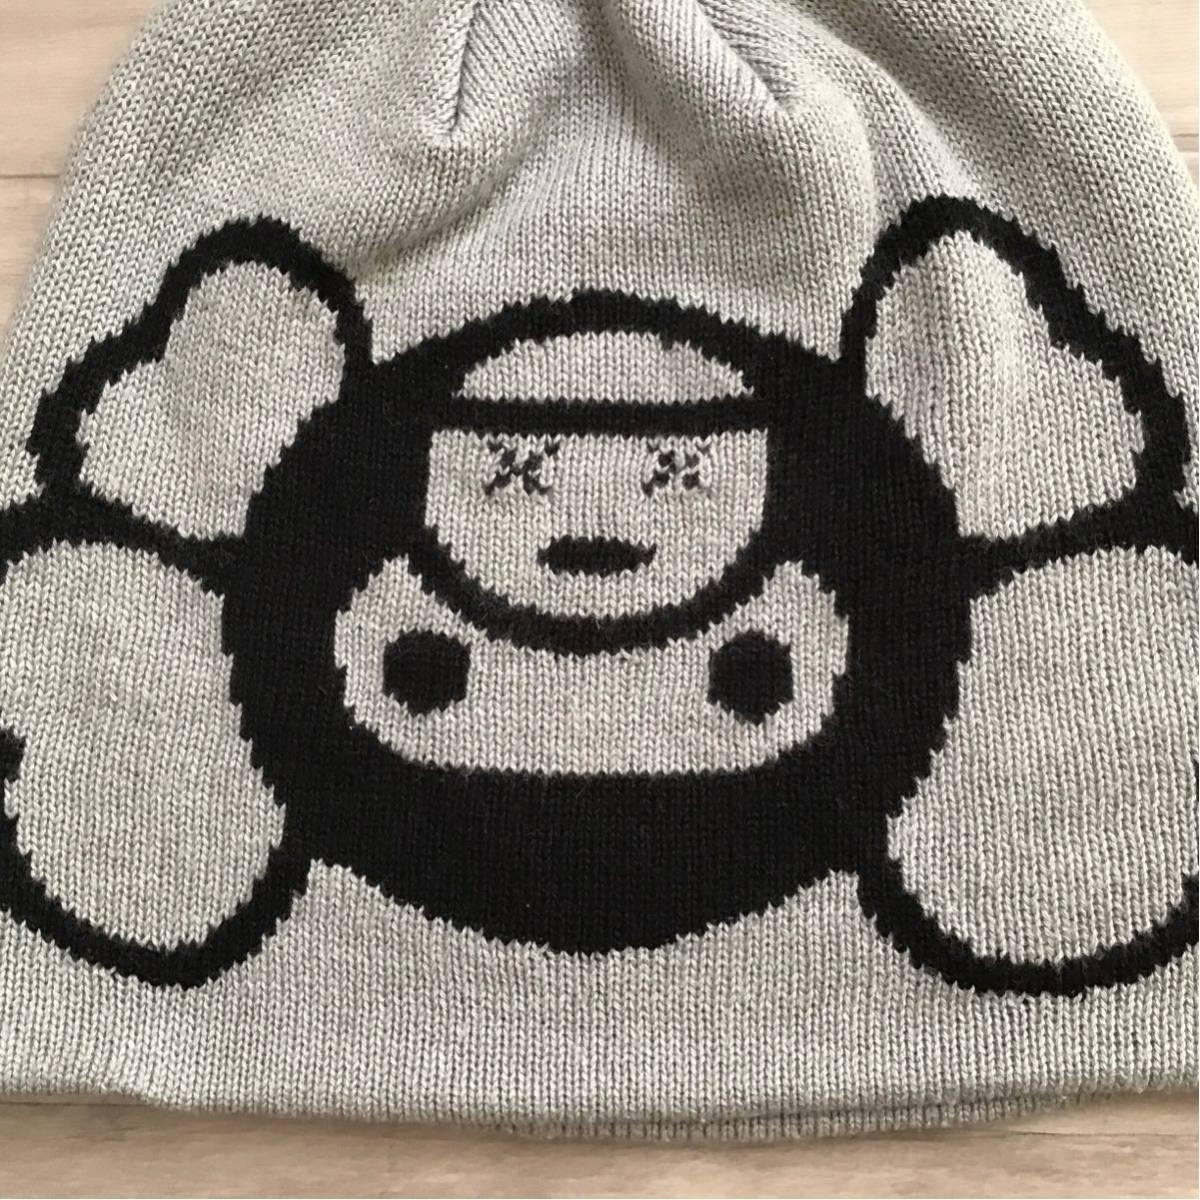 ★激レア★ KAWS × BAPE マイロ ニット帽 ビーニー a bathing ape Beanie カウズ エイプ ベイプ アベイシングエイプ milo nigo 帽子 m968